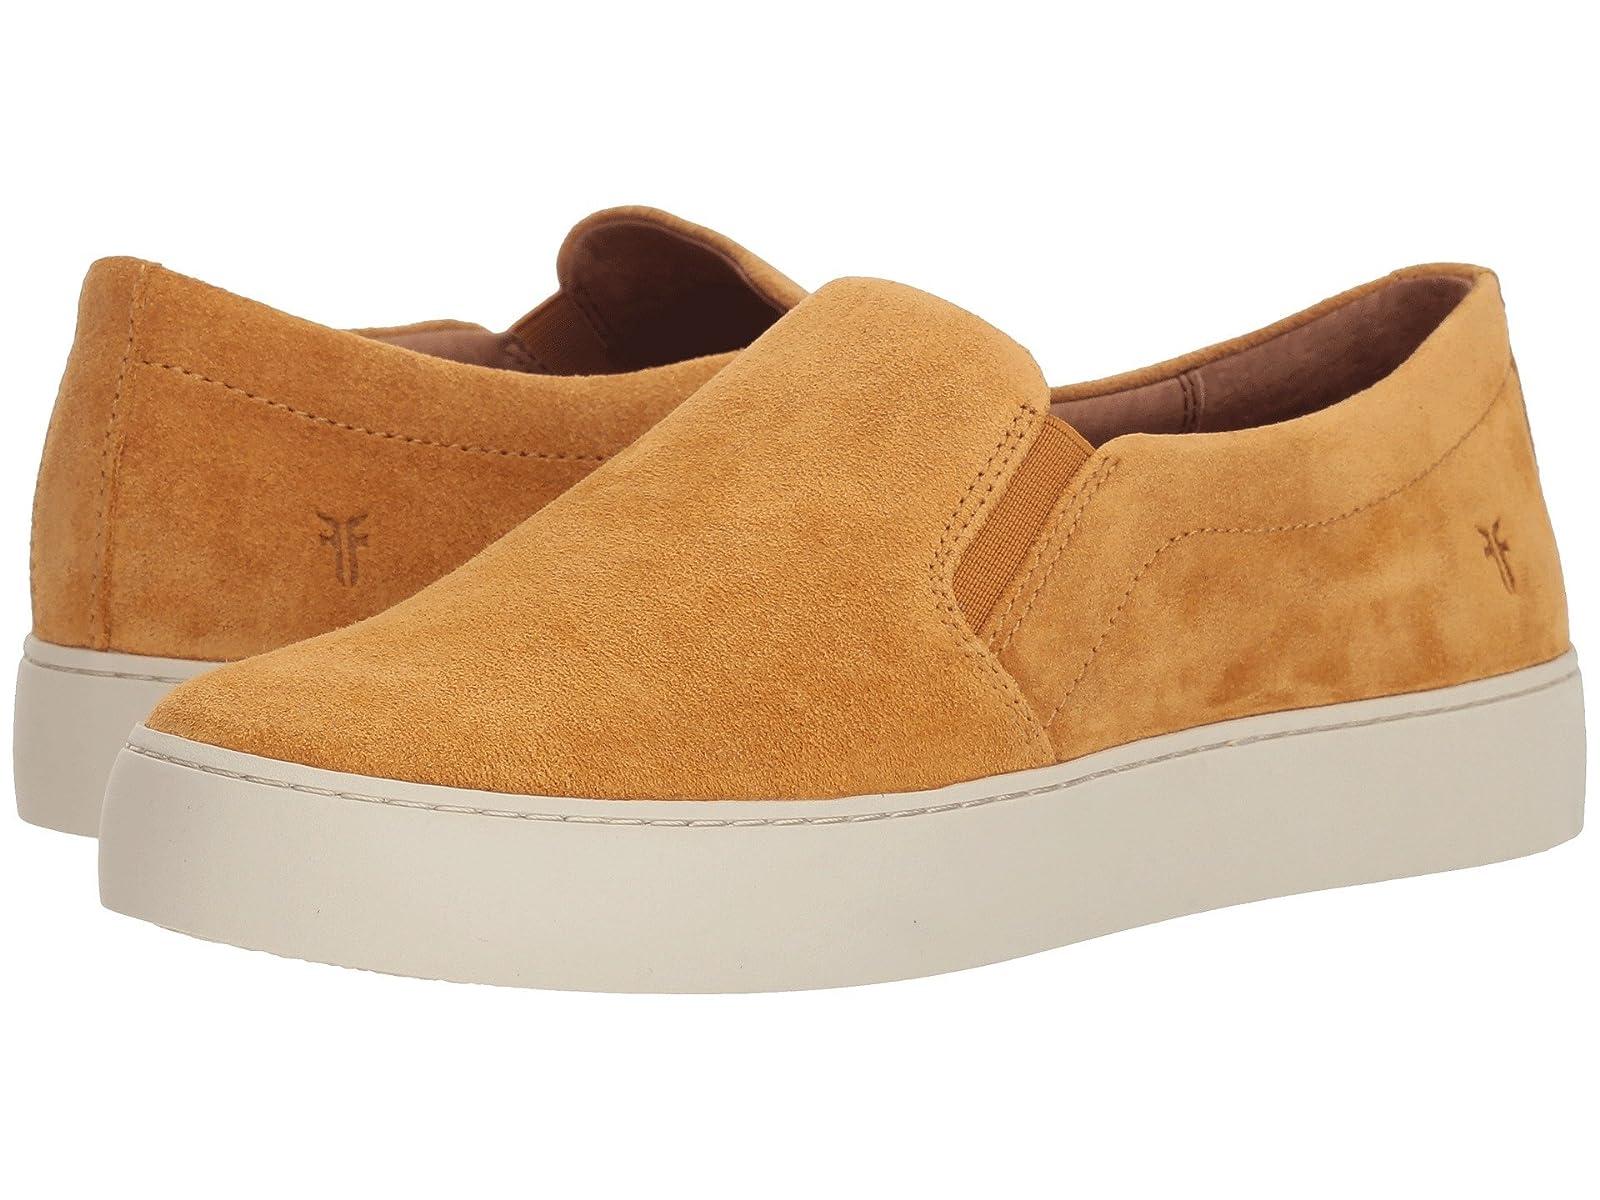 Frye Lena Slip-OnAtmospheric grades have affordable shoes